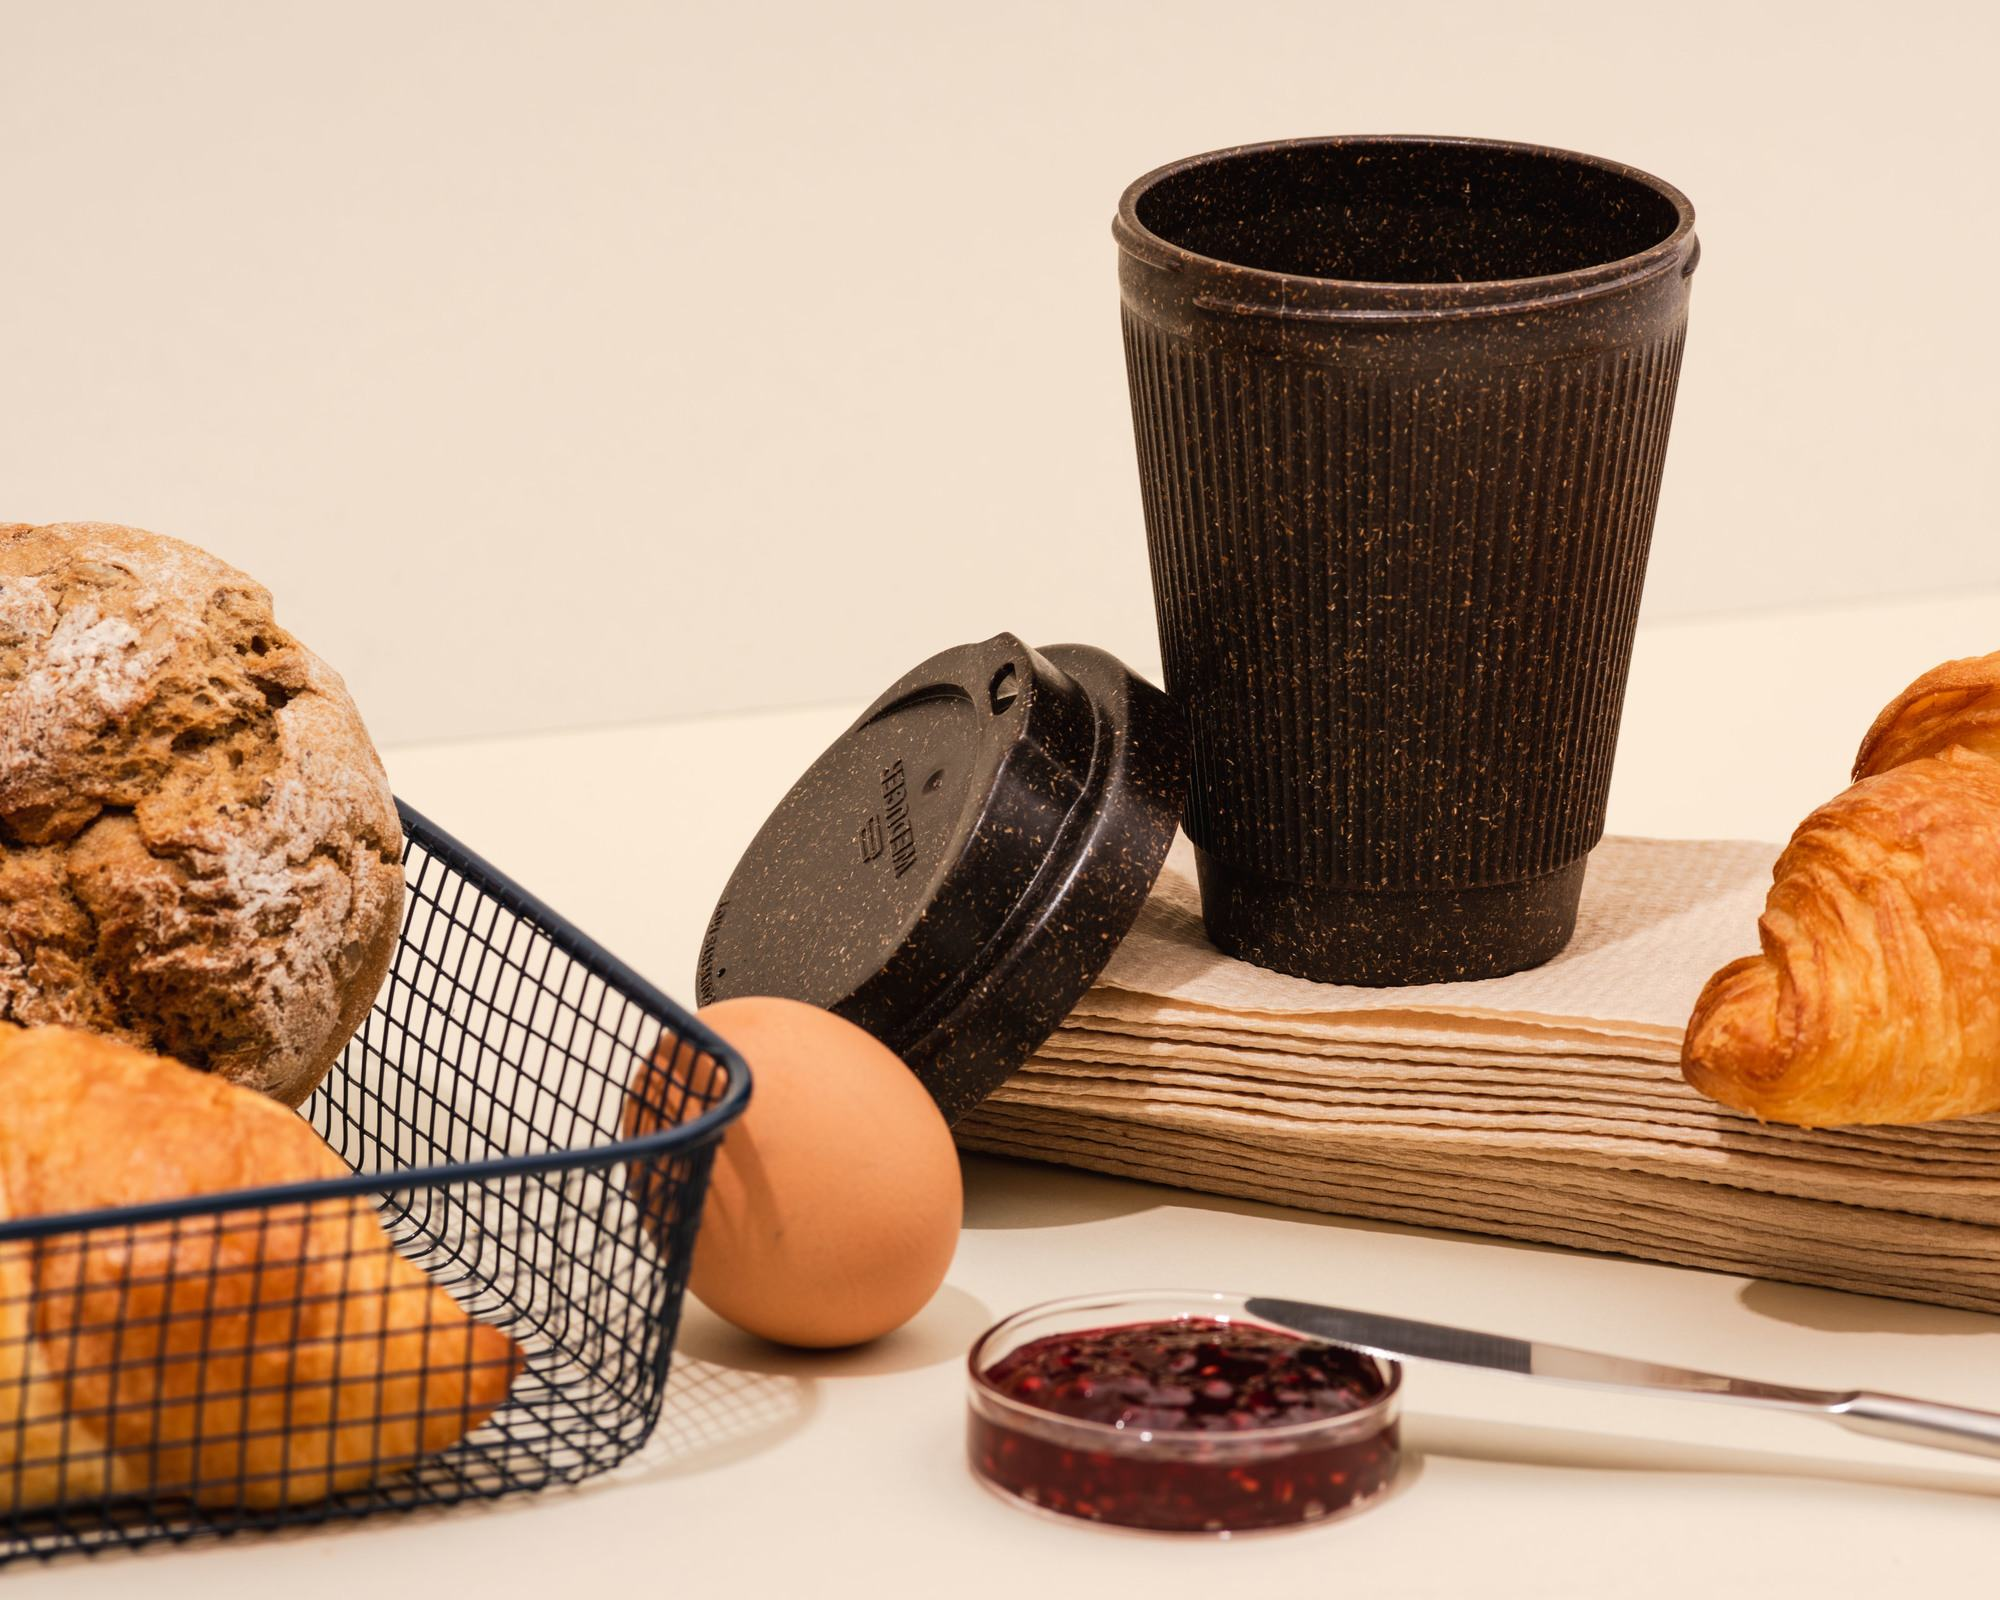 Kaffeeform Weducer cup aus Kaffeesatz